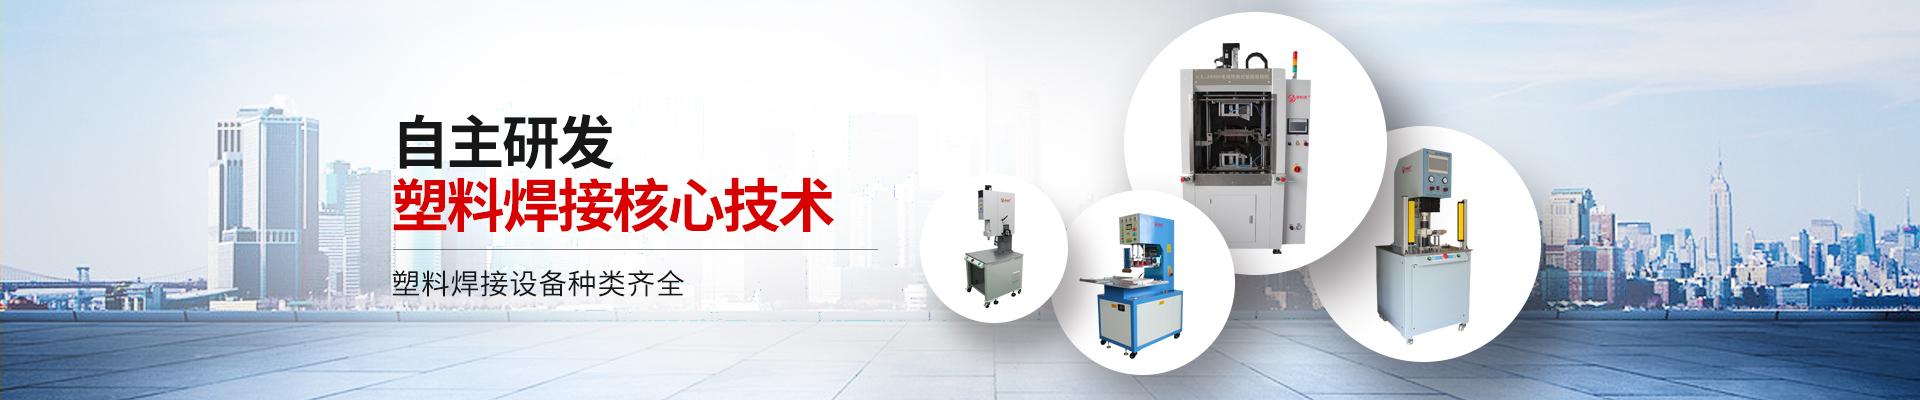 昕科技,自主研发塑料焊接核心技术,塑料焊接设备种类齐全